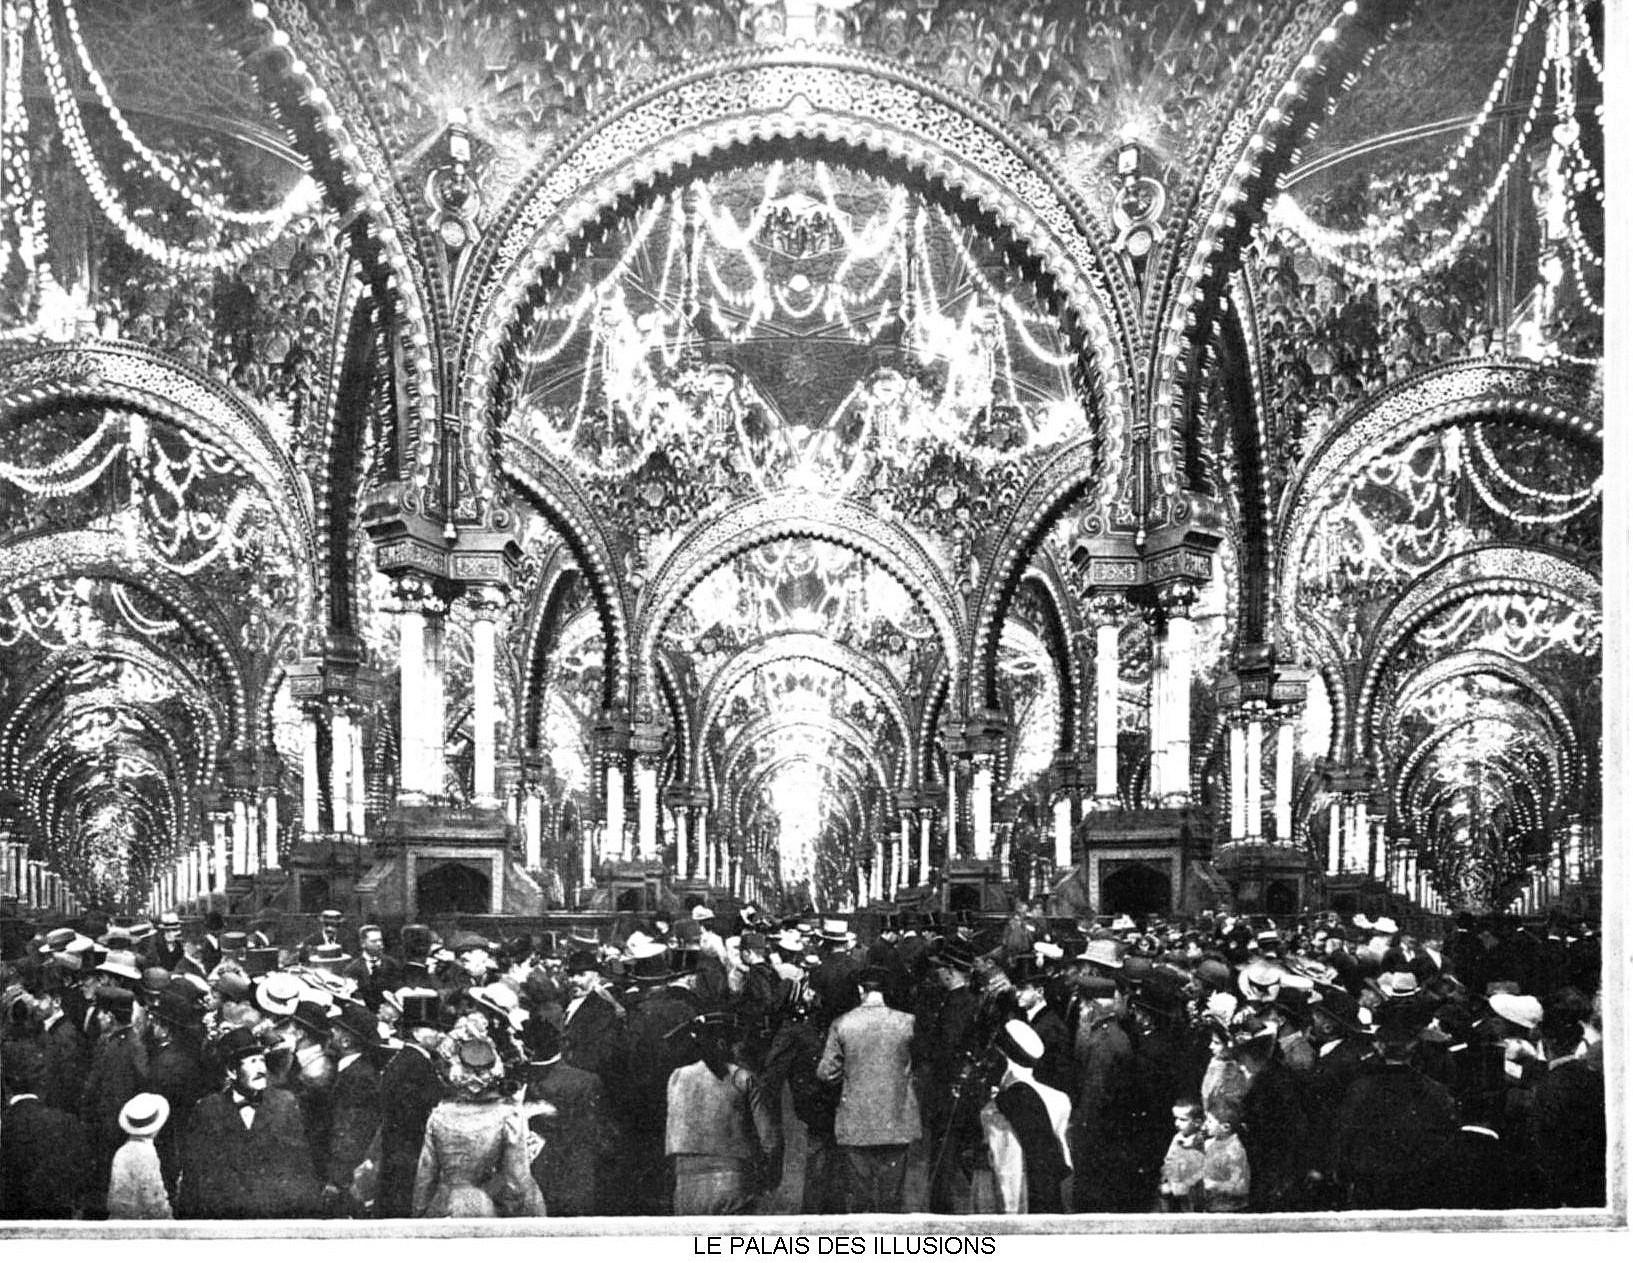 Ressources histoire exposition universelle 1900 le palais des illusions